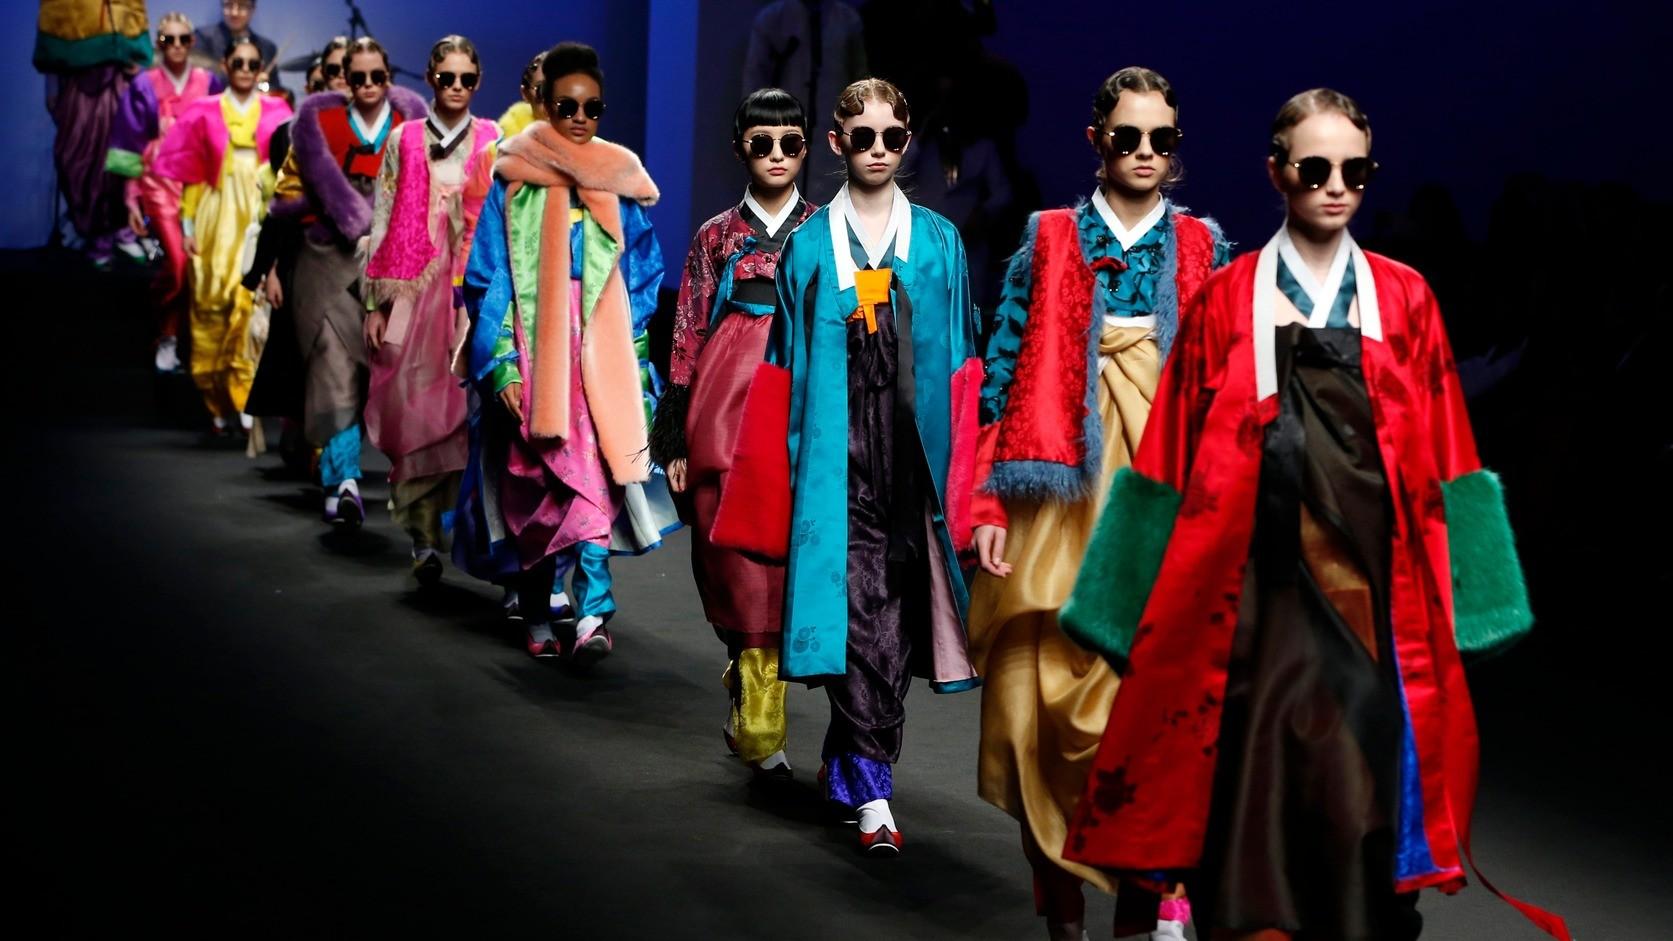 Divatkiállításon mutatják be Koreát Budapesten